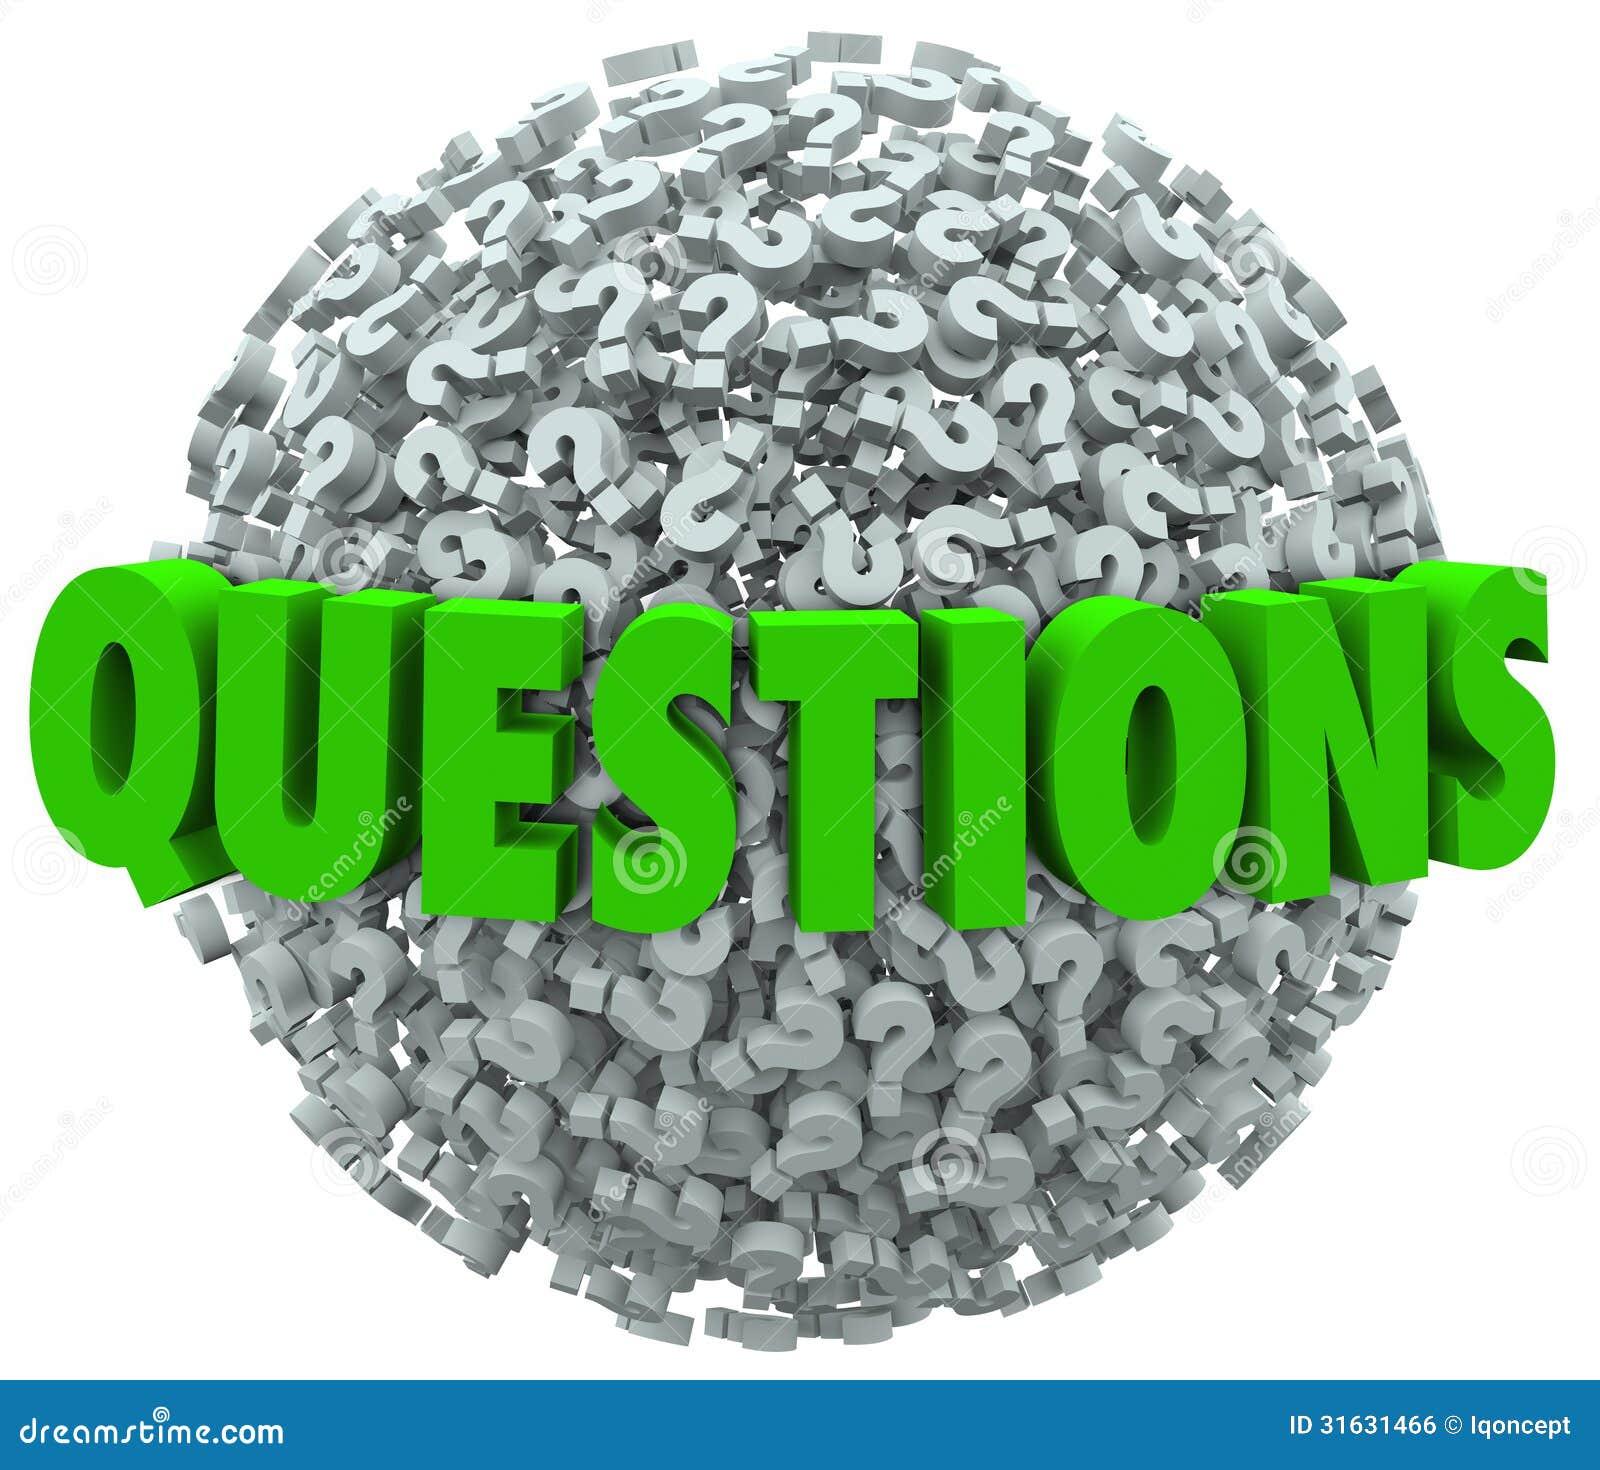 Vragenword Vraag Mark Ball Asking voor Antwoorden